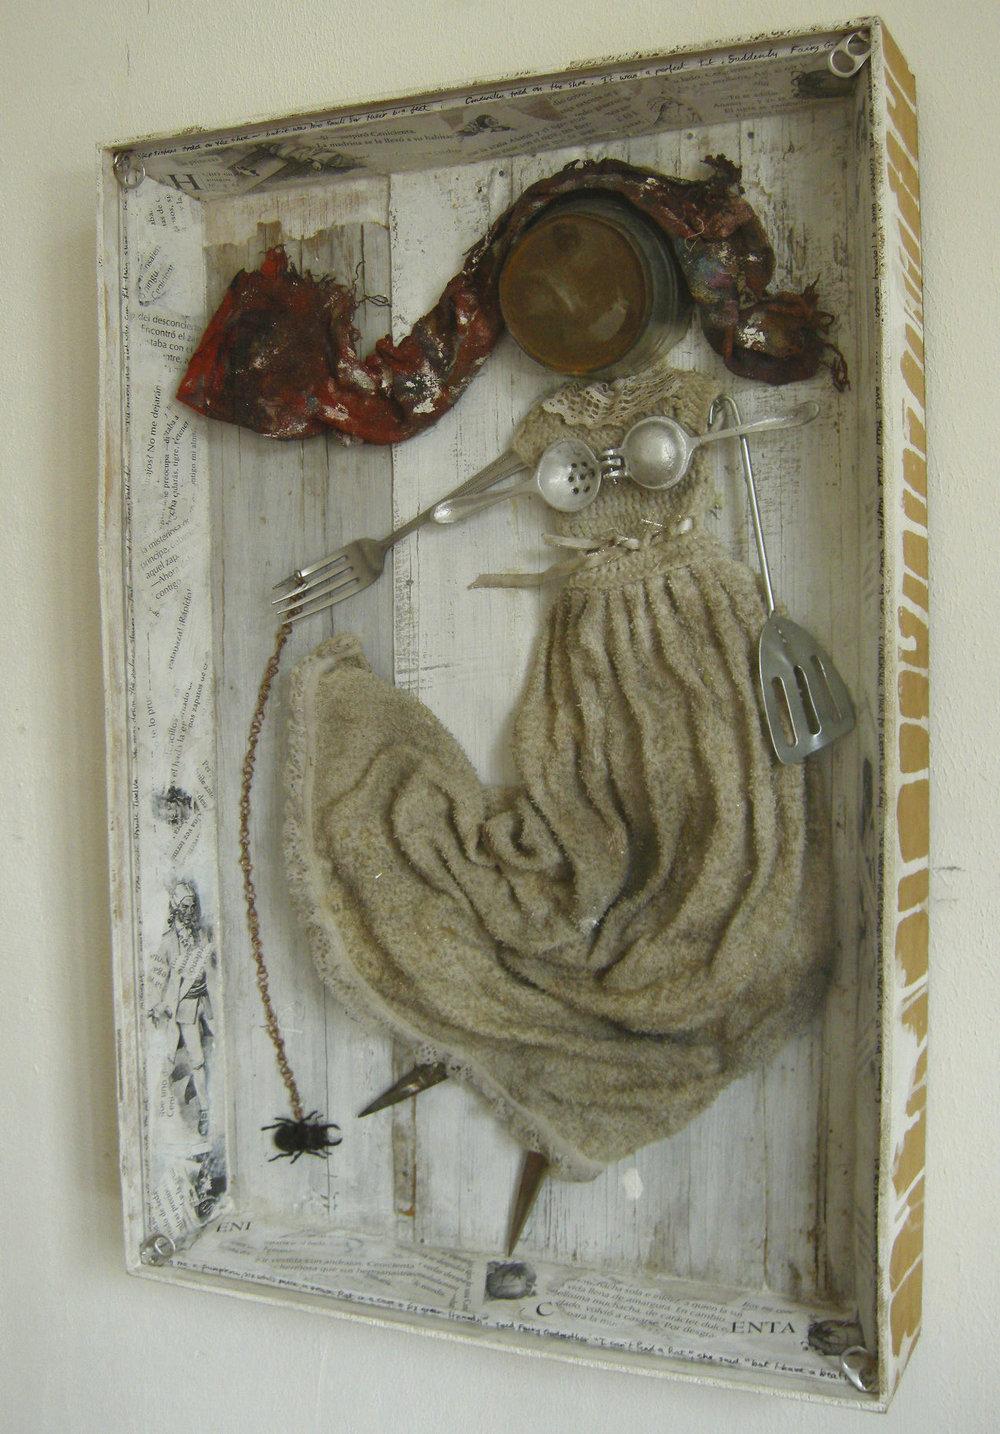 CINDERELLA Assemblage |41 x 61 cm | 2010